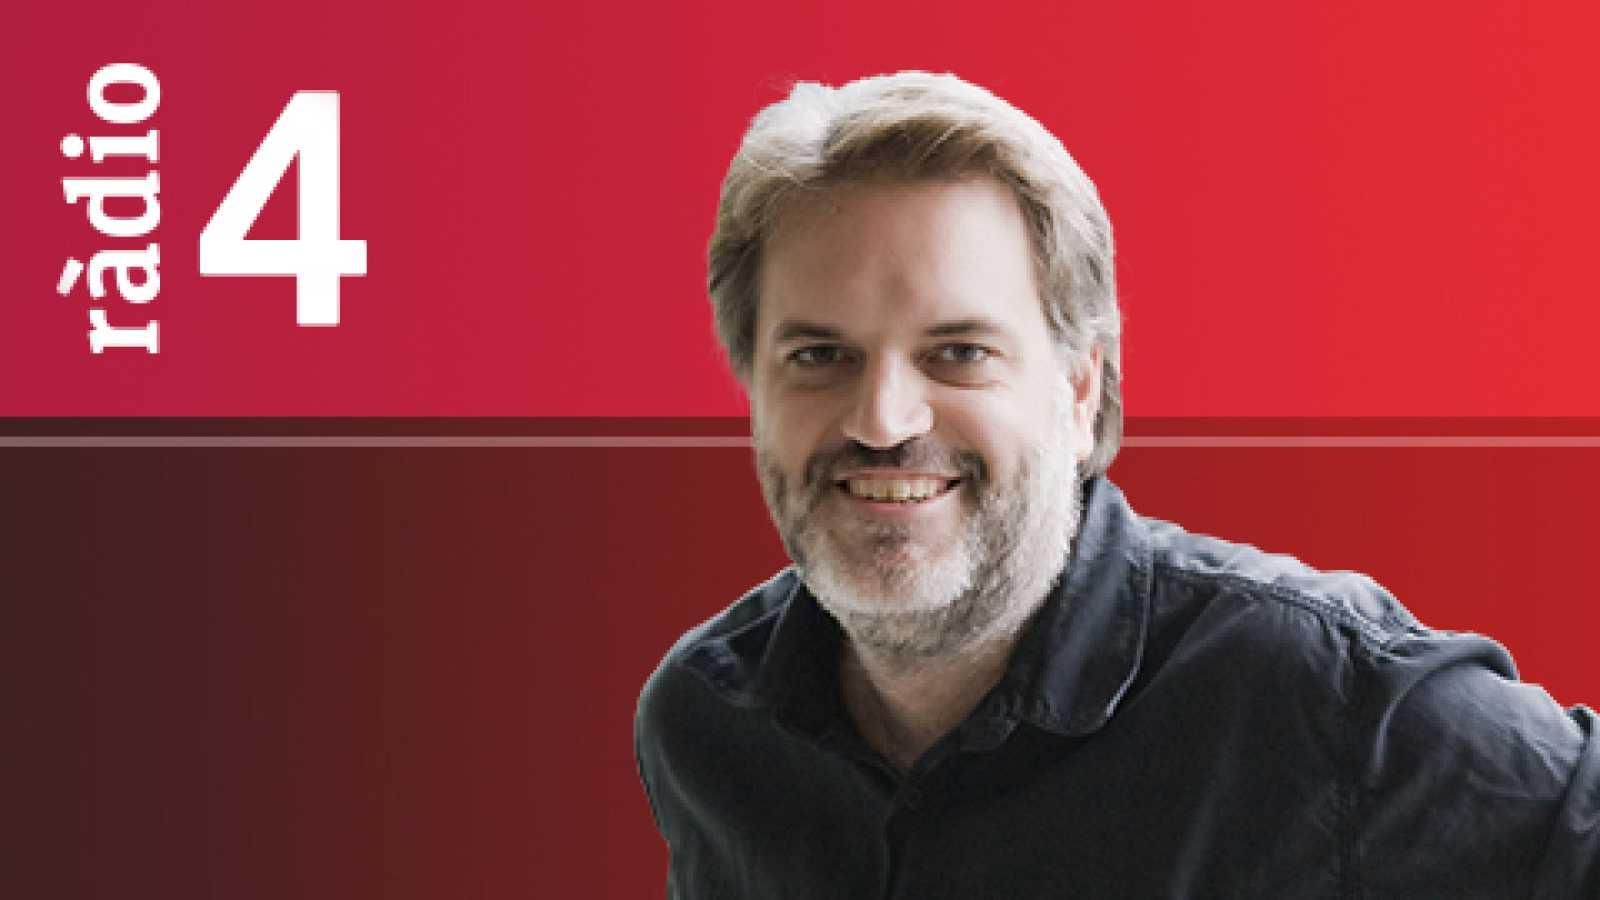 El matí a Ràdio 4 - Entrevista Documental Bugarach, amb el seu director Ventura Durall